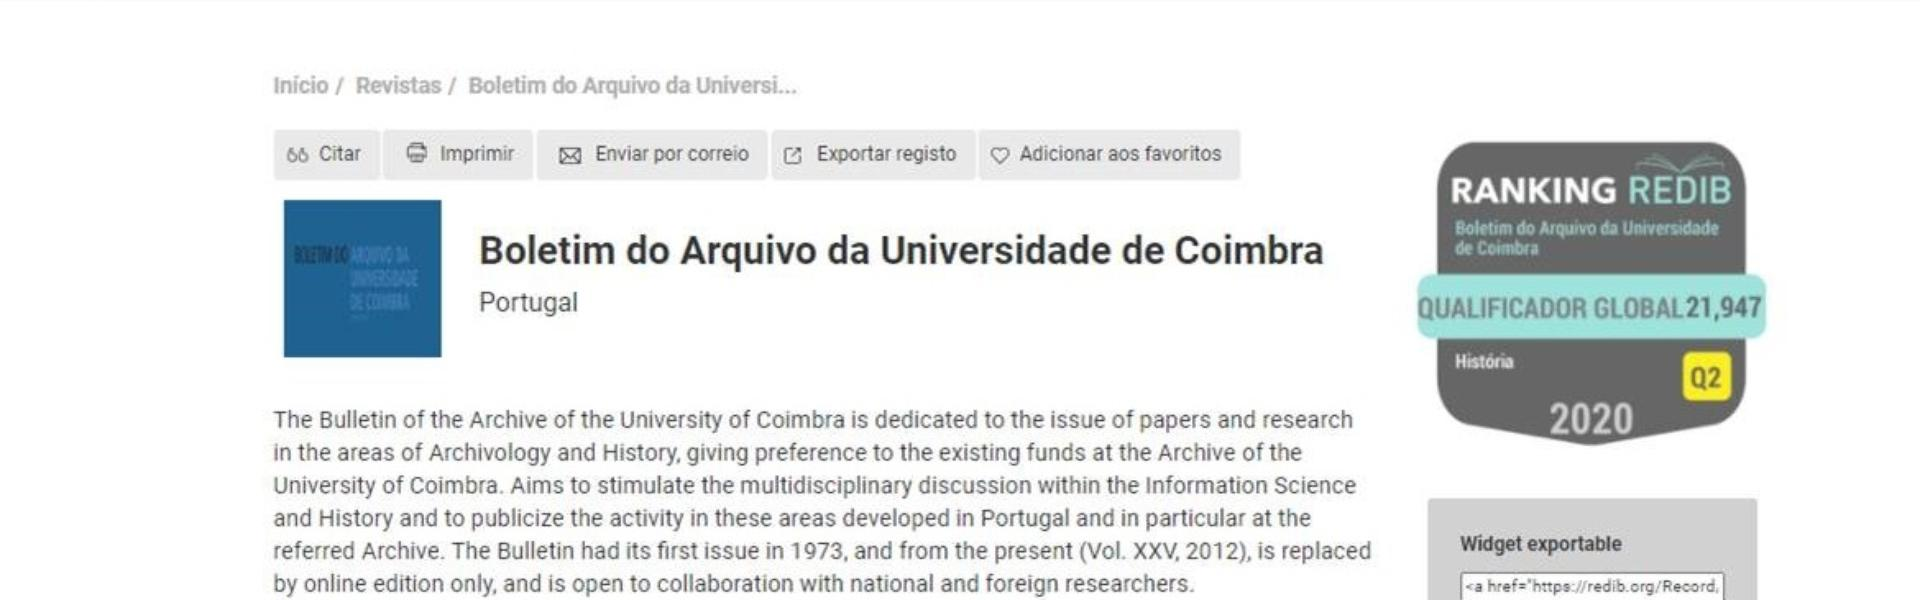 O Boletim do Arquivo da Universidade de Coimbra (BAUC) está acessível na Redib